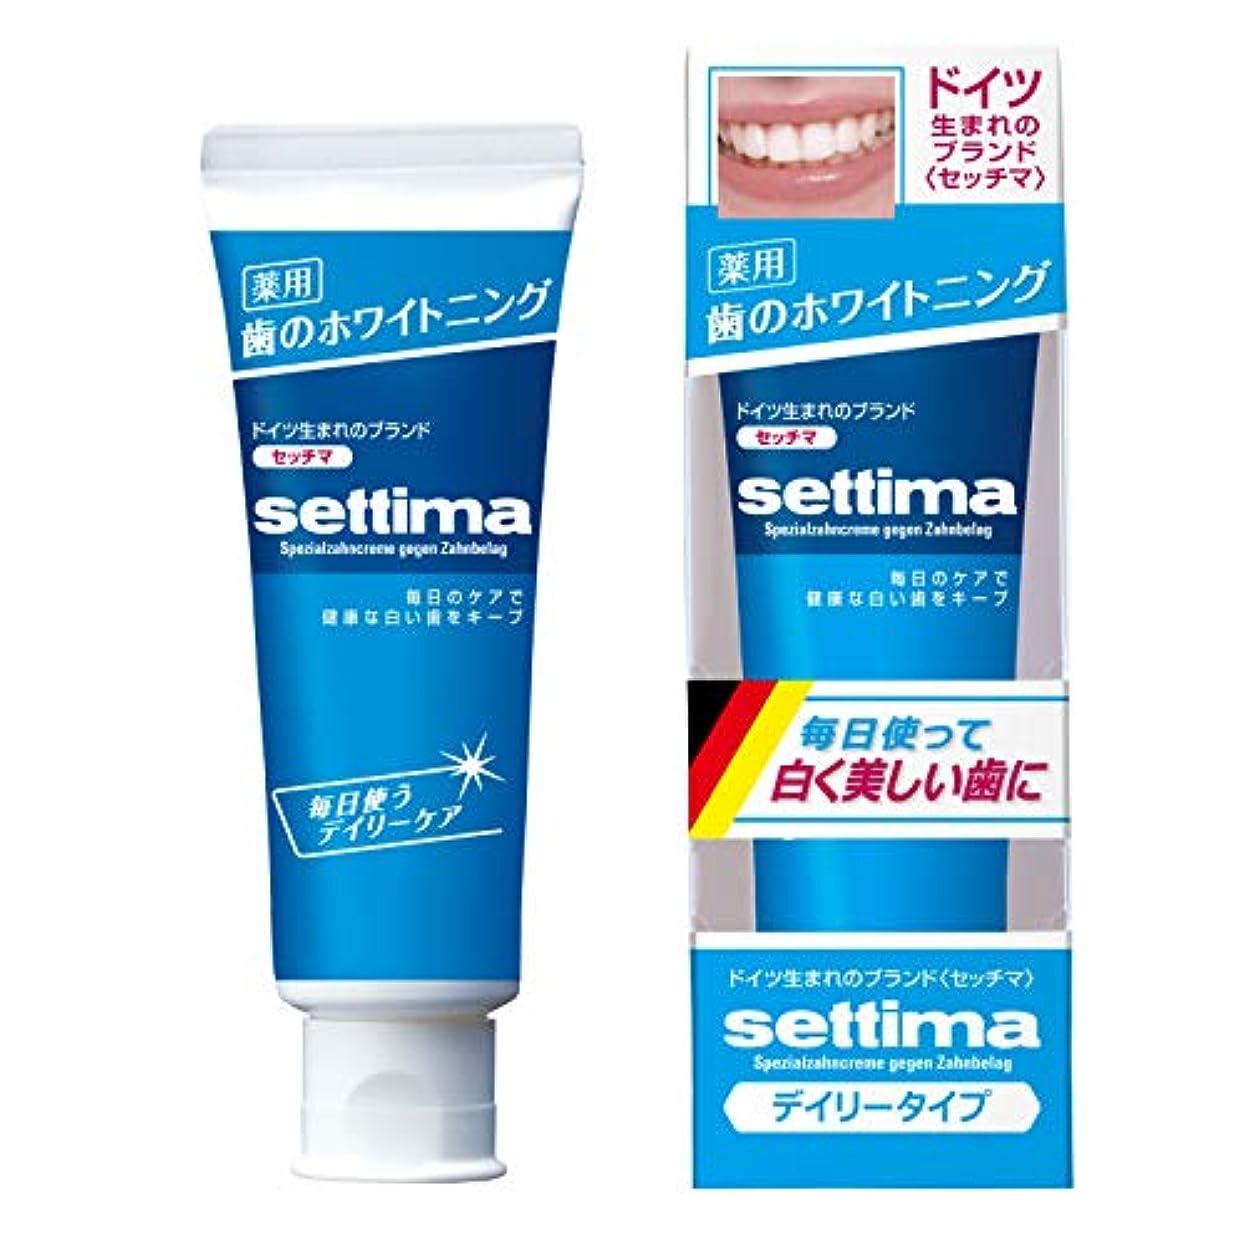 赤外線行進寄り添うsettima(セッチマ) ホワイトニング 歯みがき デイリーケア [ファインミントタイプ]  80g